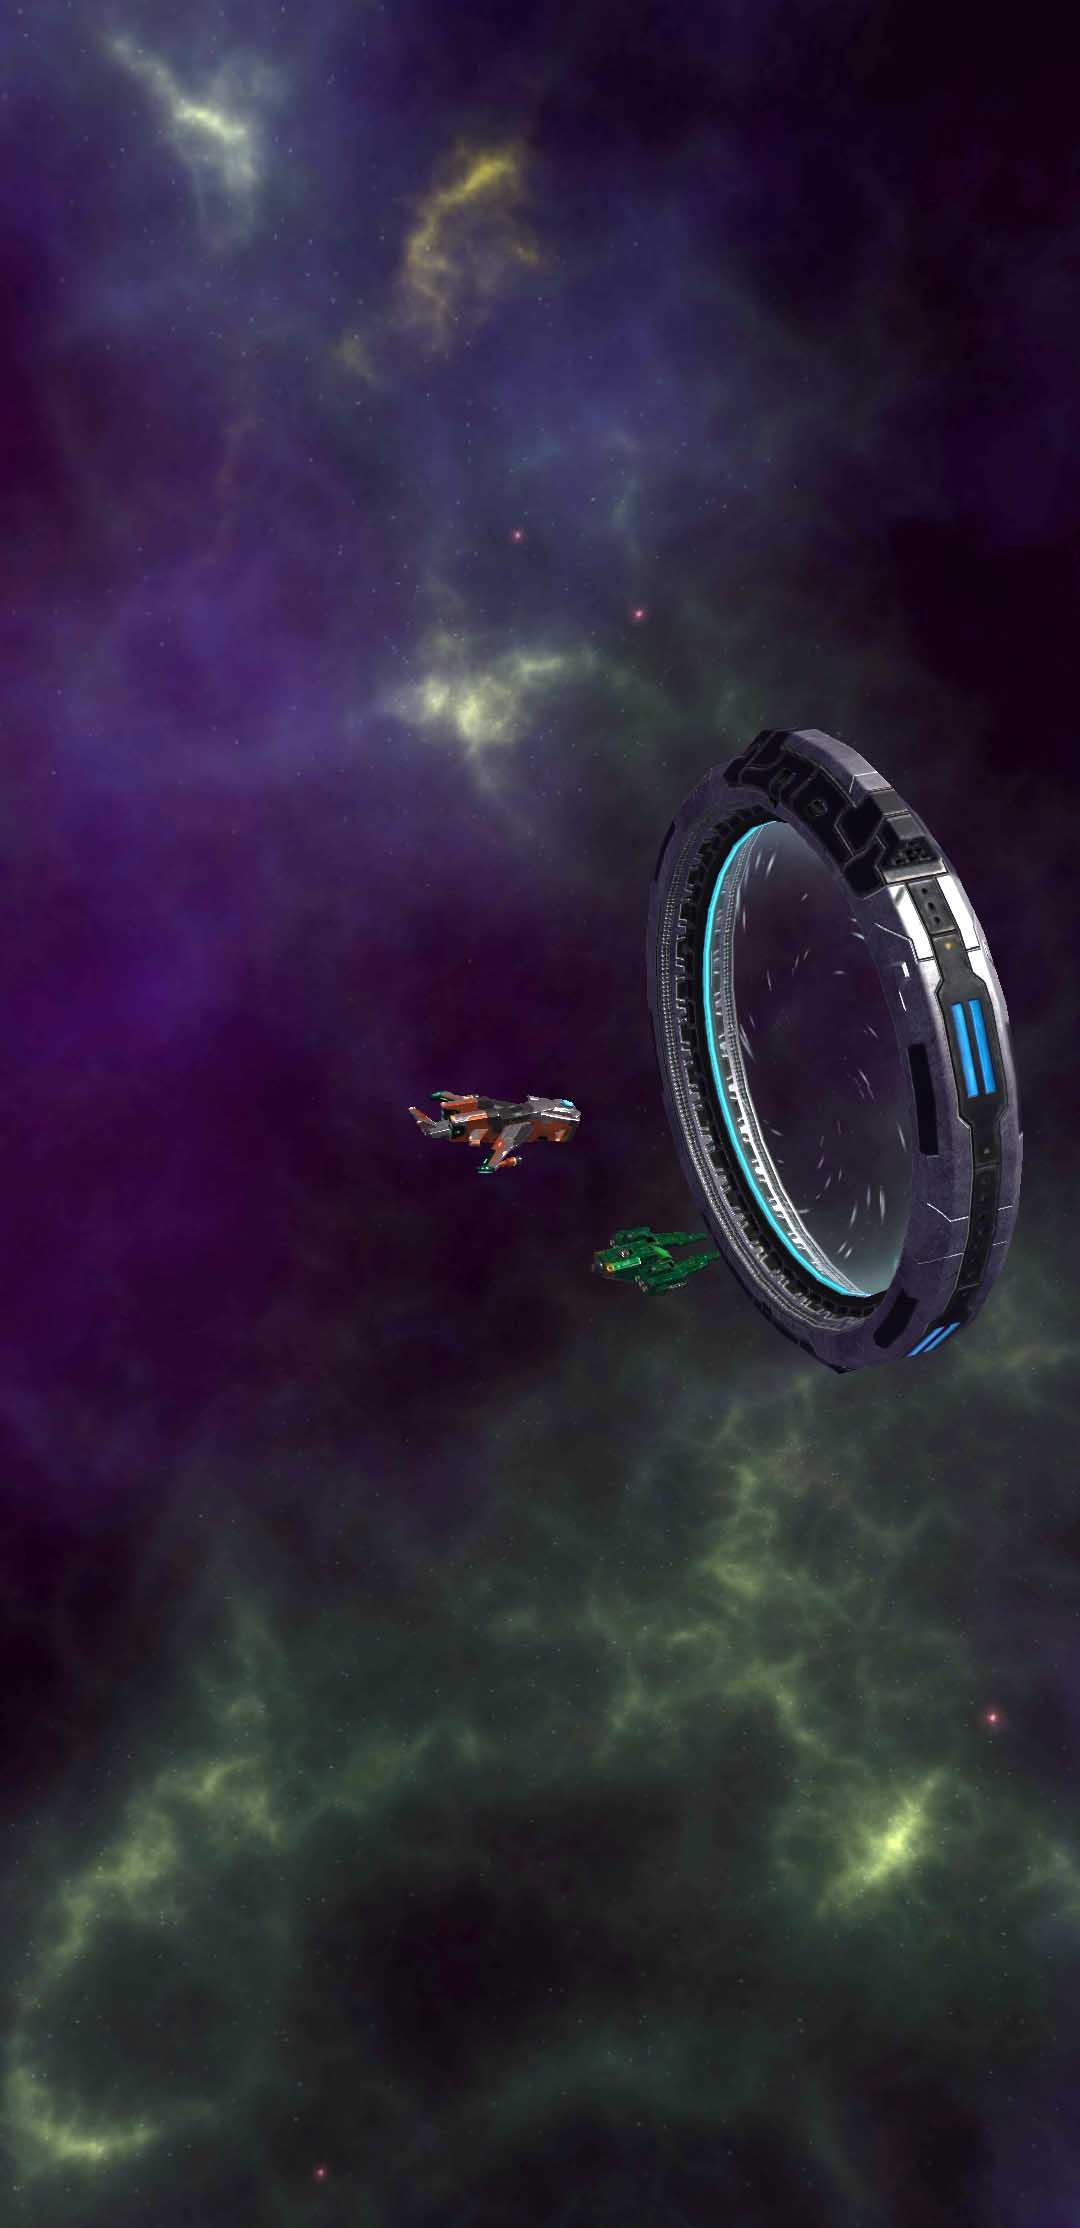 Space miner 6 | Space miner добываем ресурсы из астероидов и строим космическую станцию